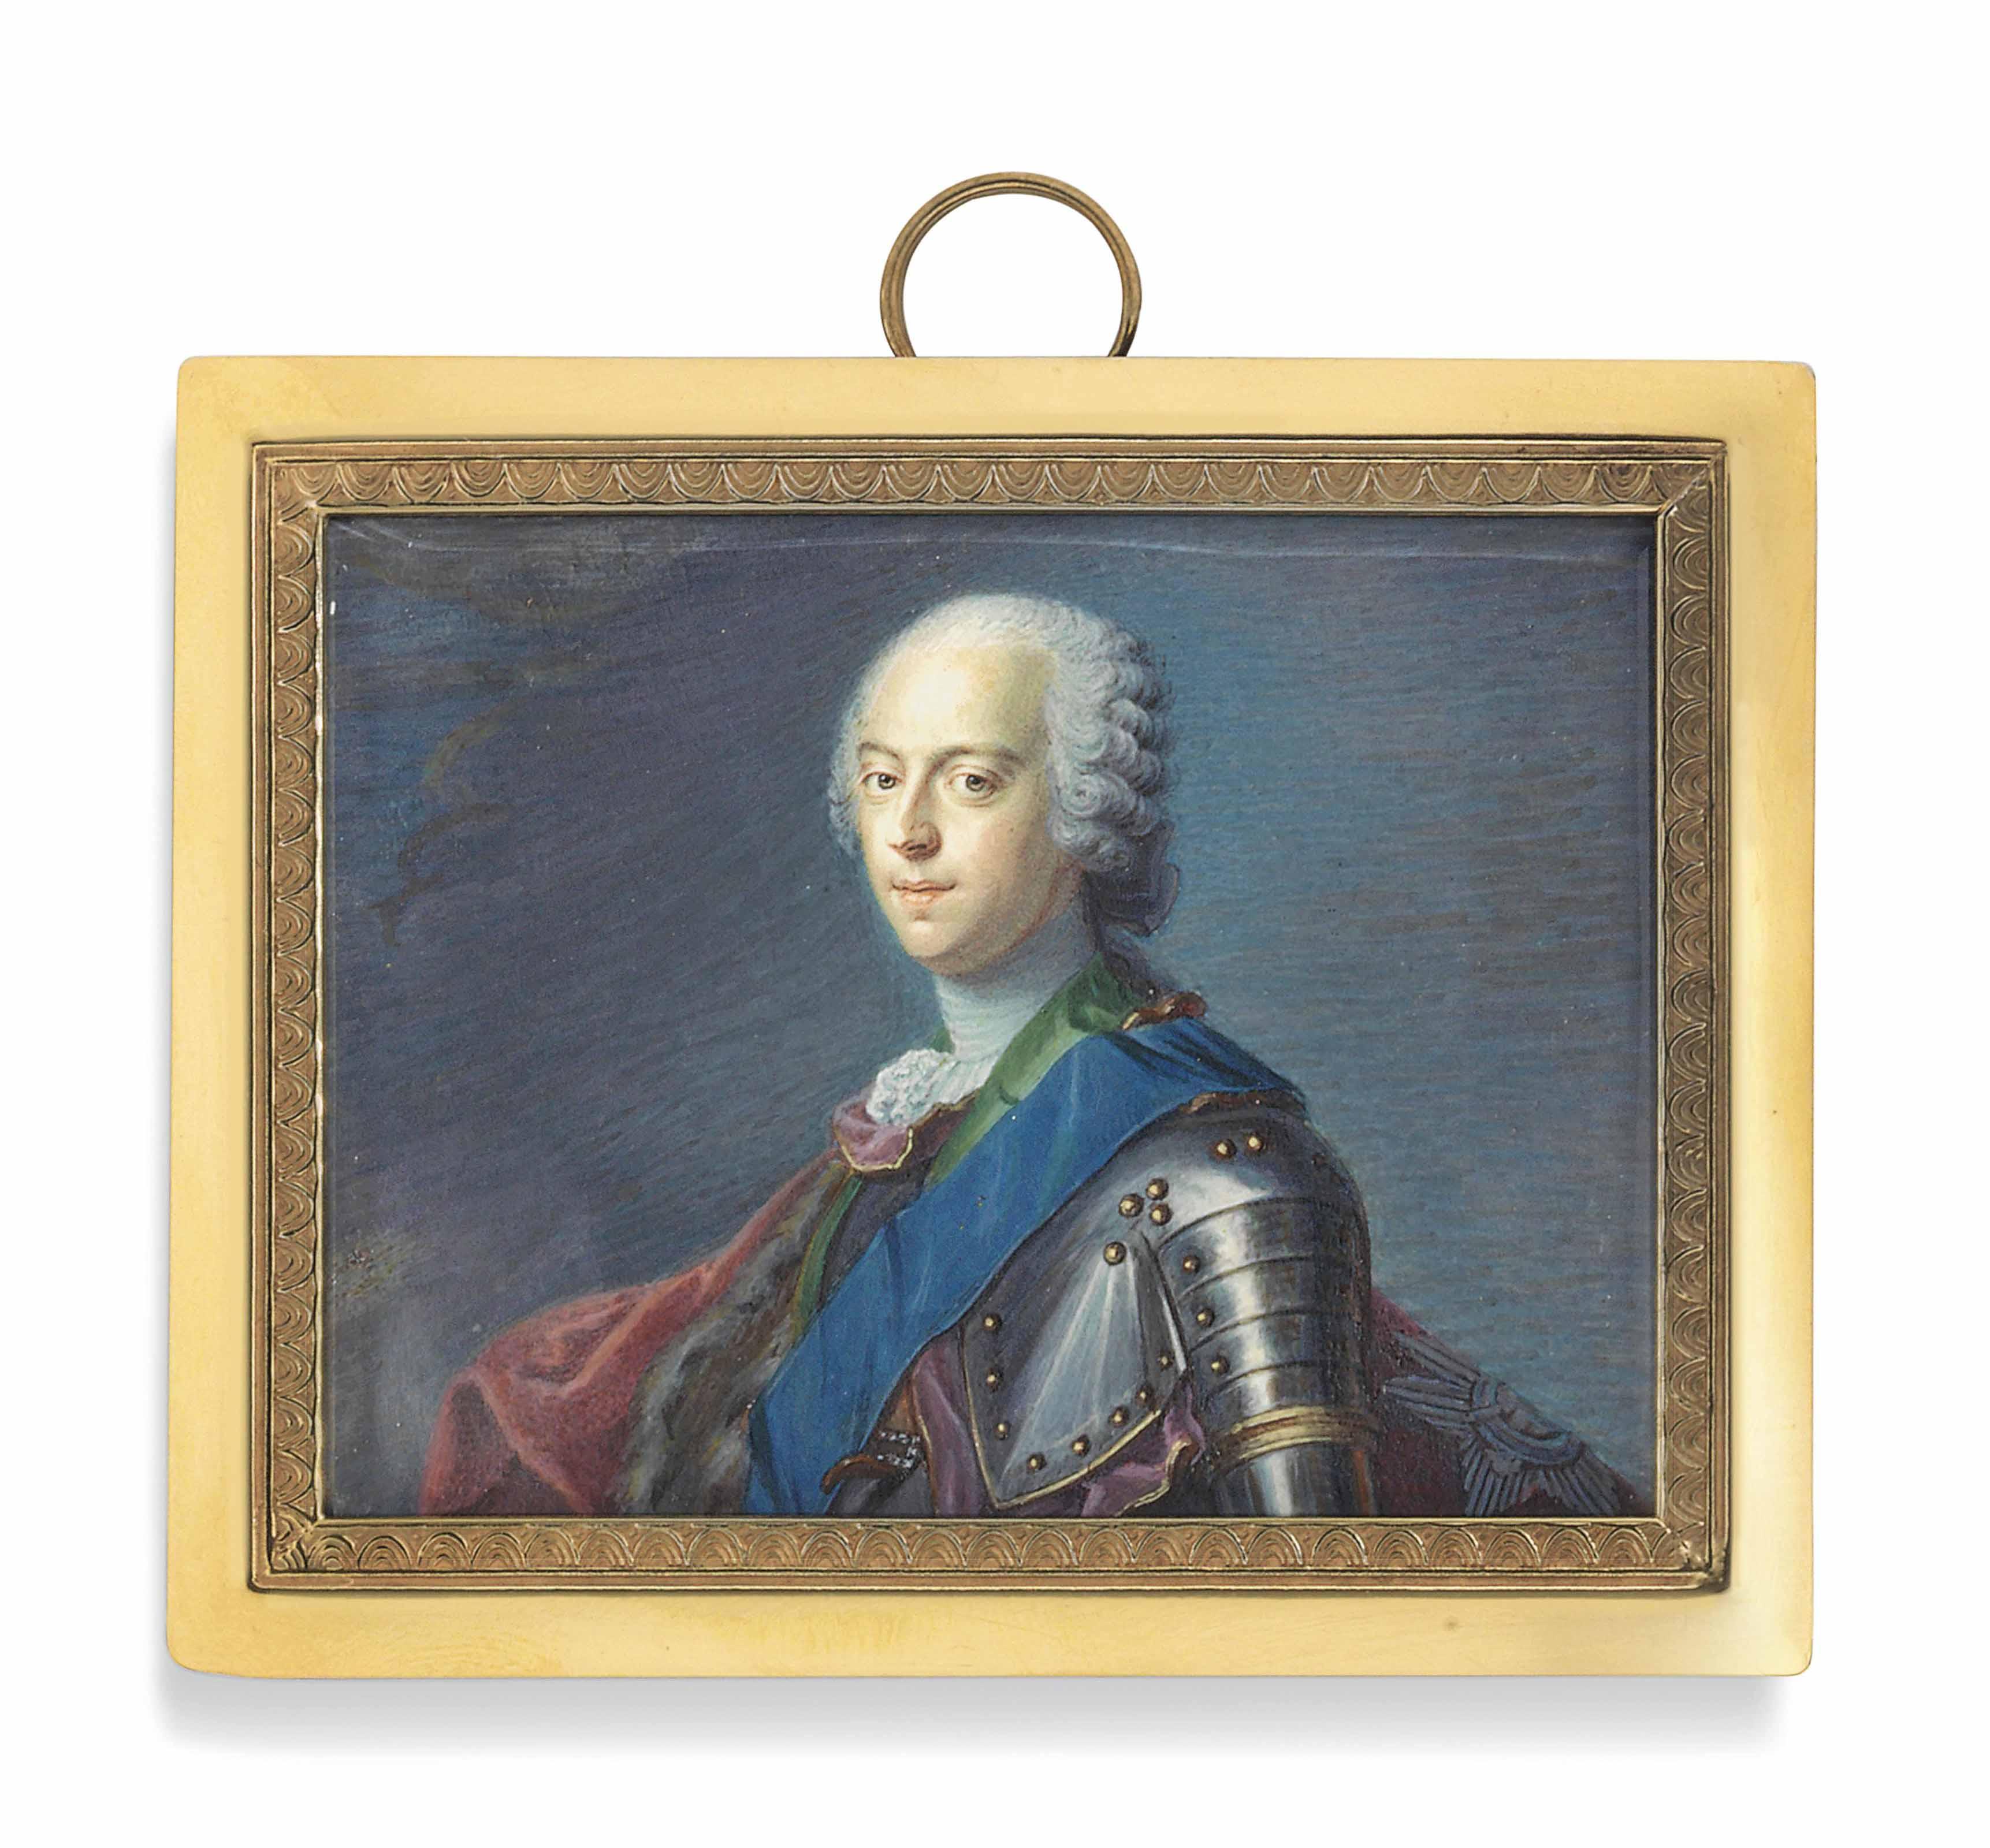 JEAN DANIEL KAMM (1722 - C. 1790)